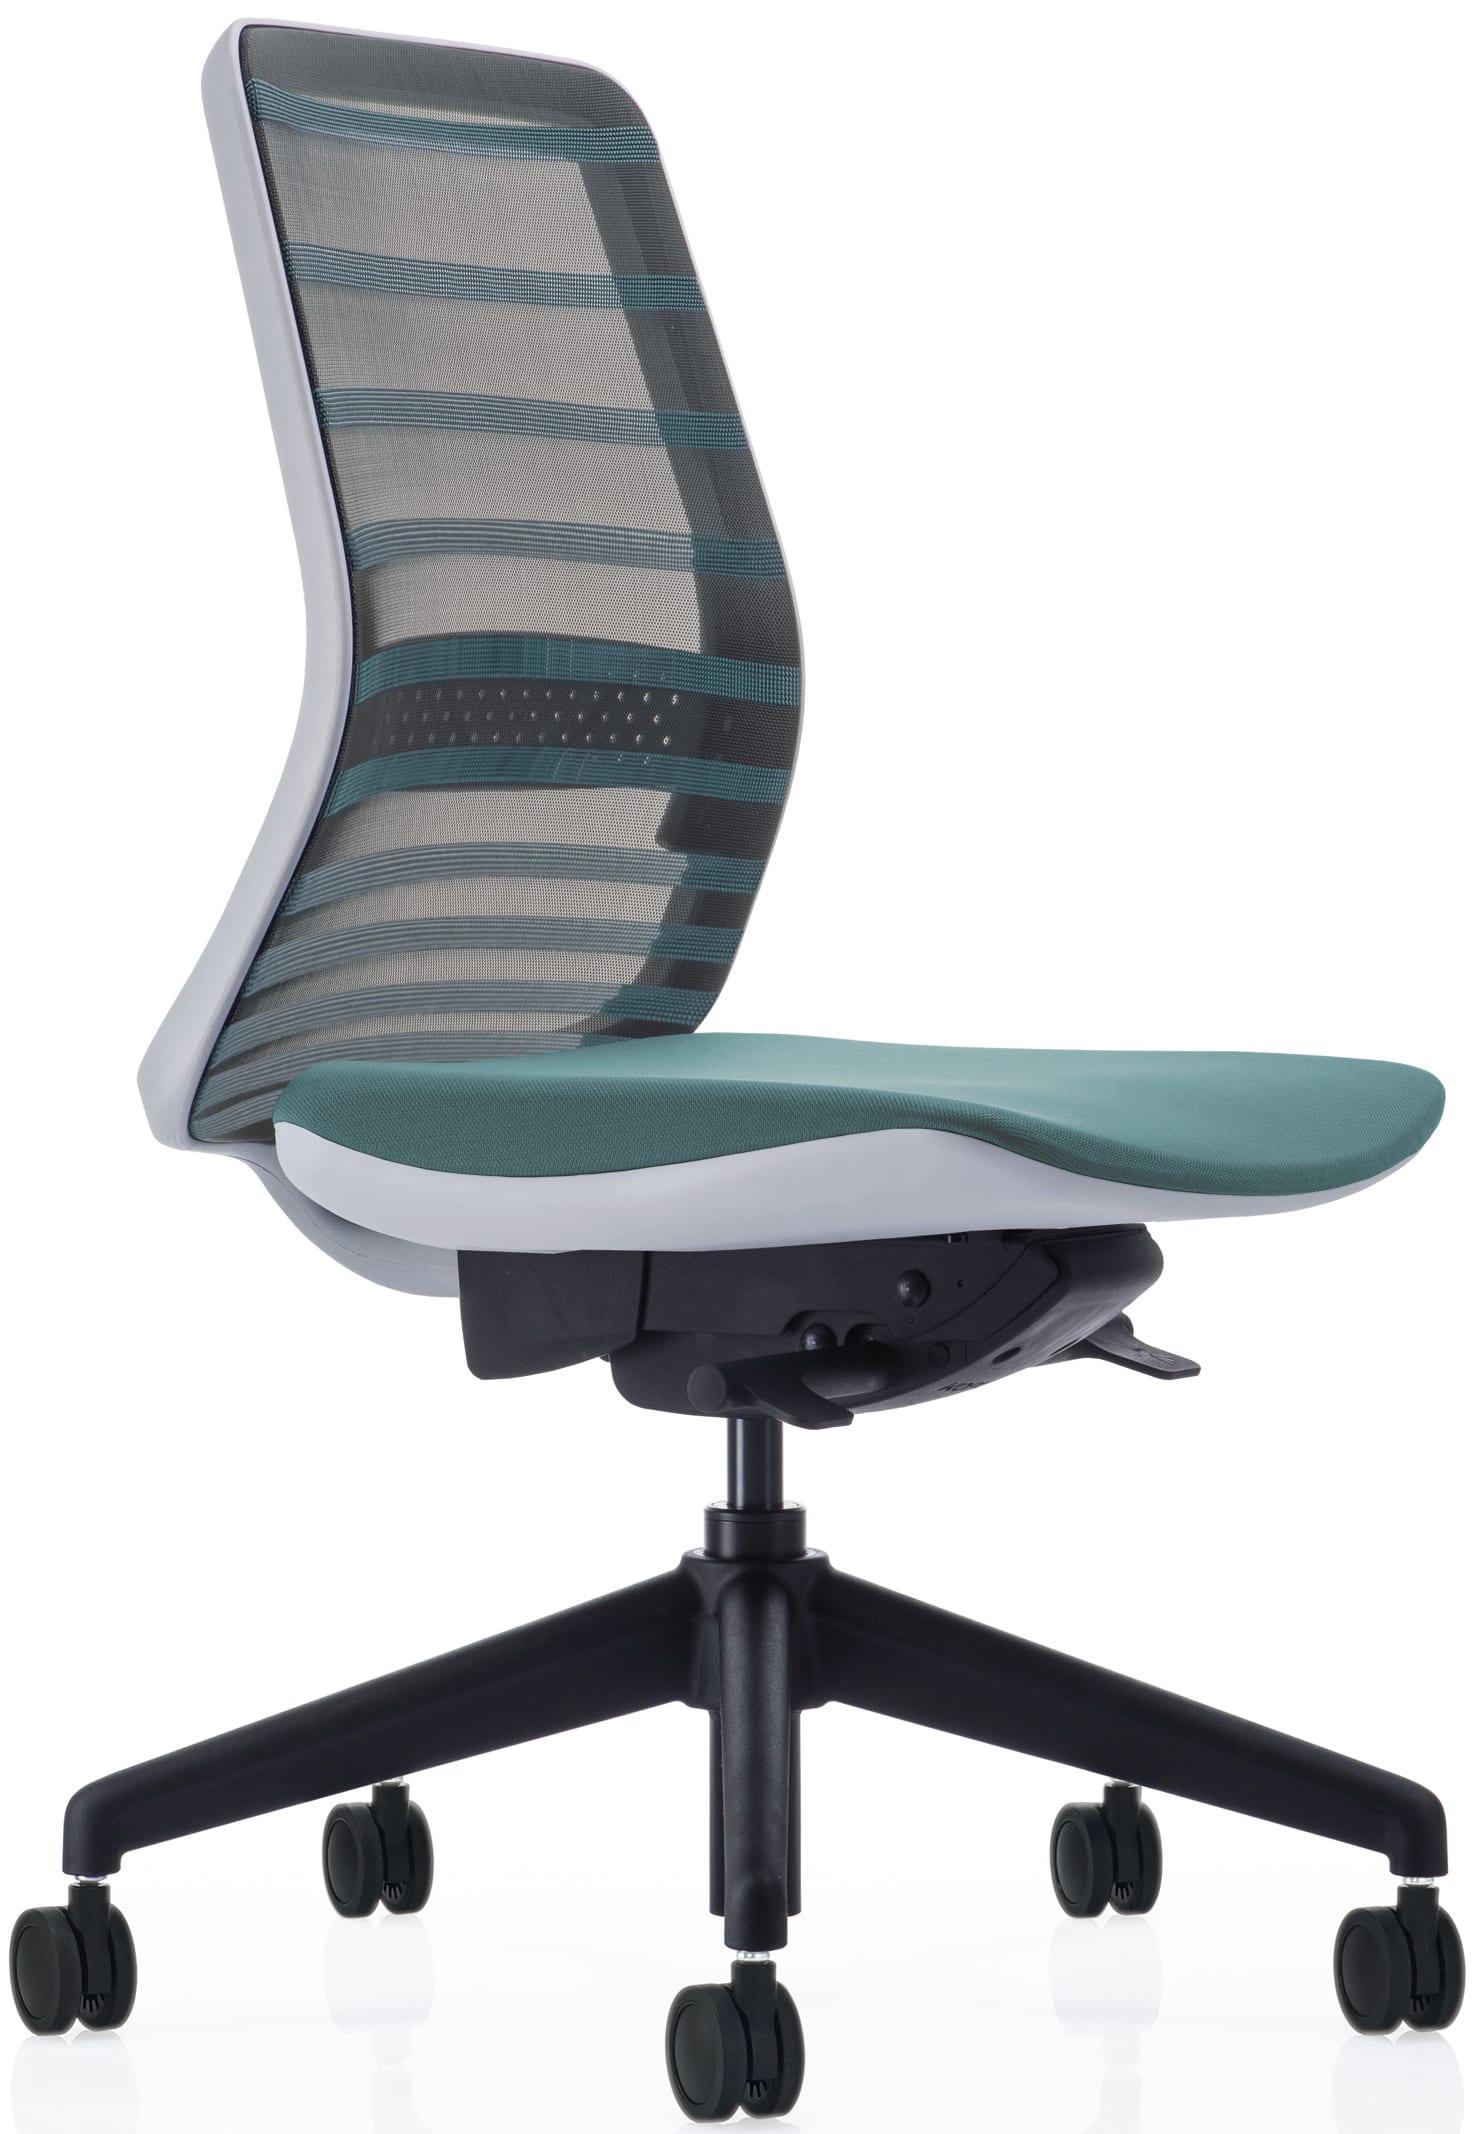 【ネット限定】デスクチェア トニック ホワイト樹脂 肘無 グリーン:現代的なシェルの曲線デザインとメッシュを融合